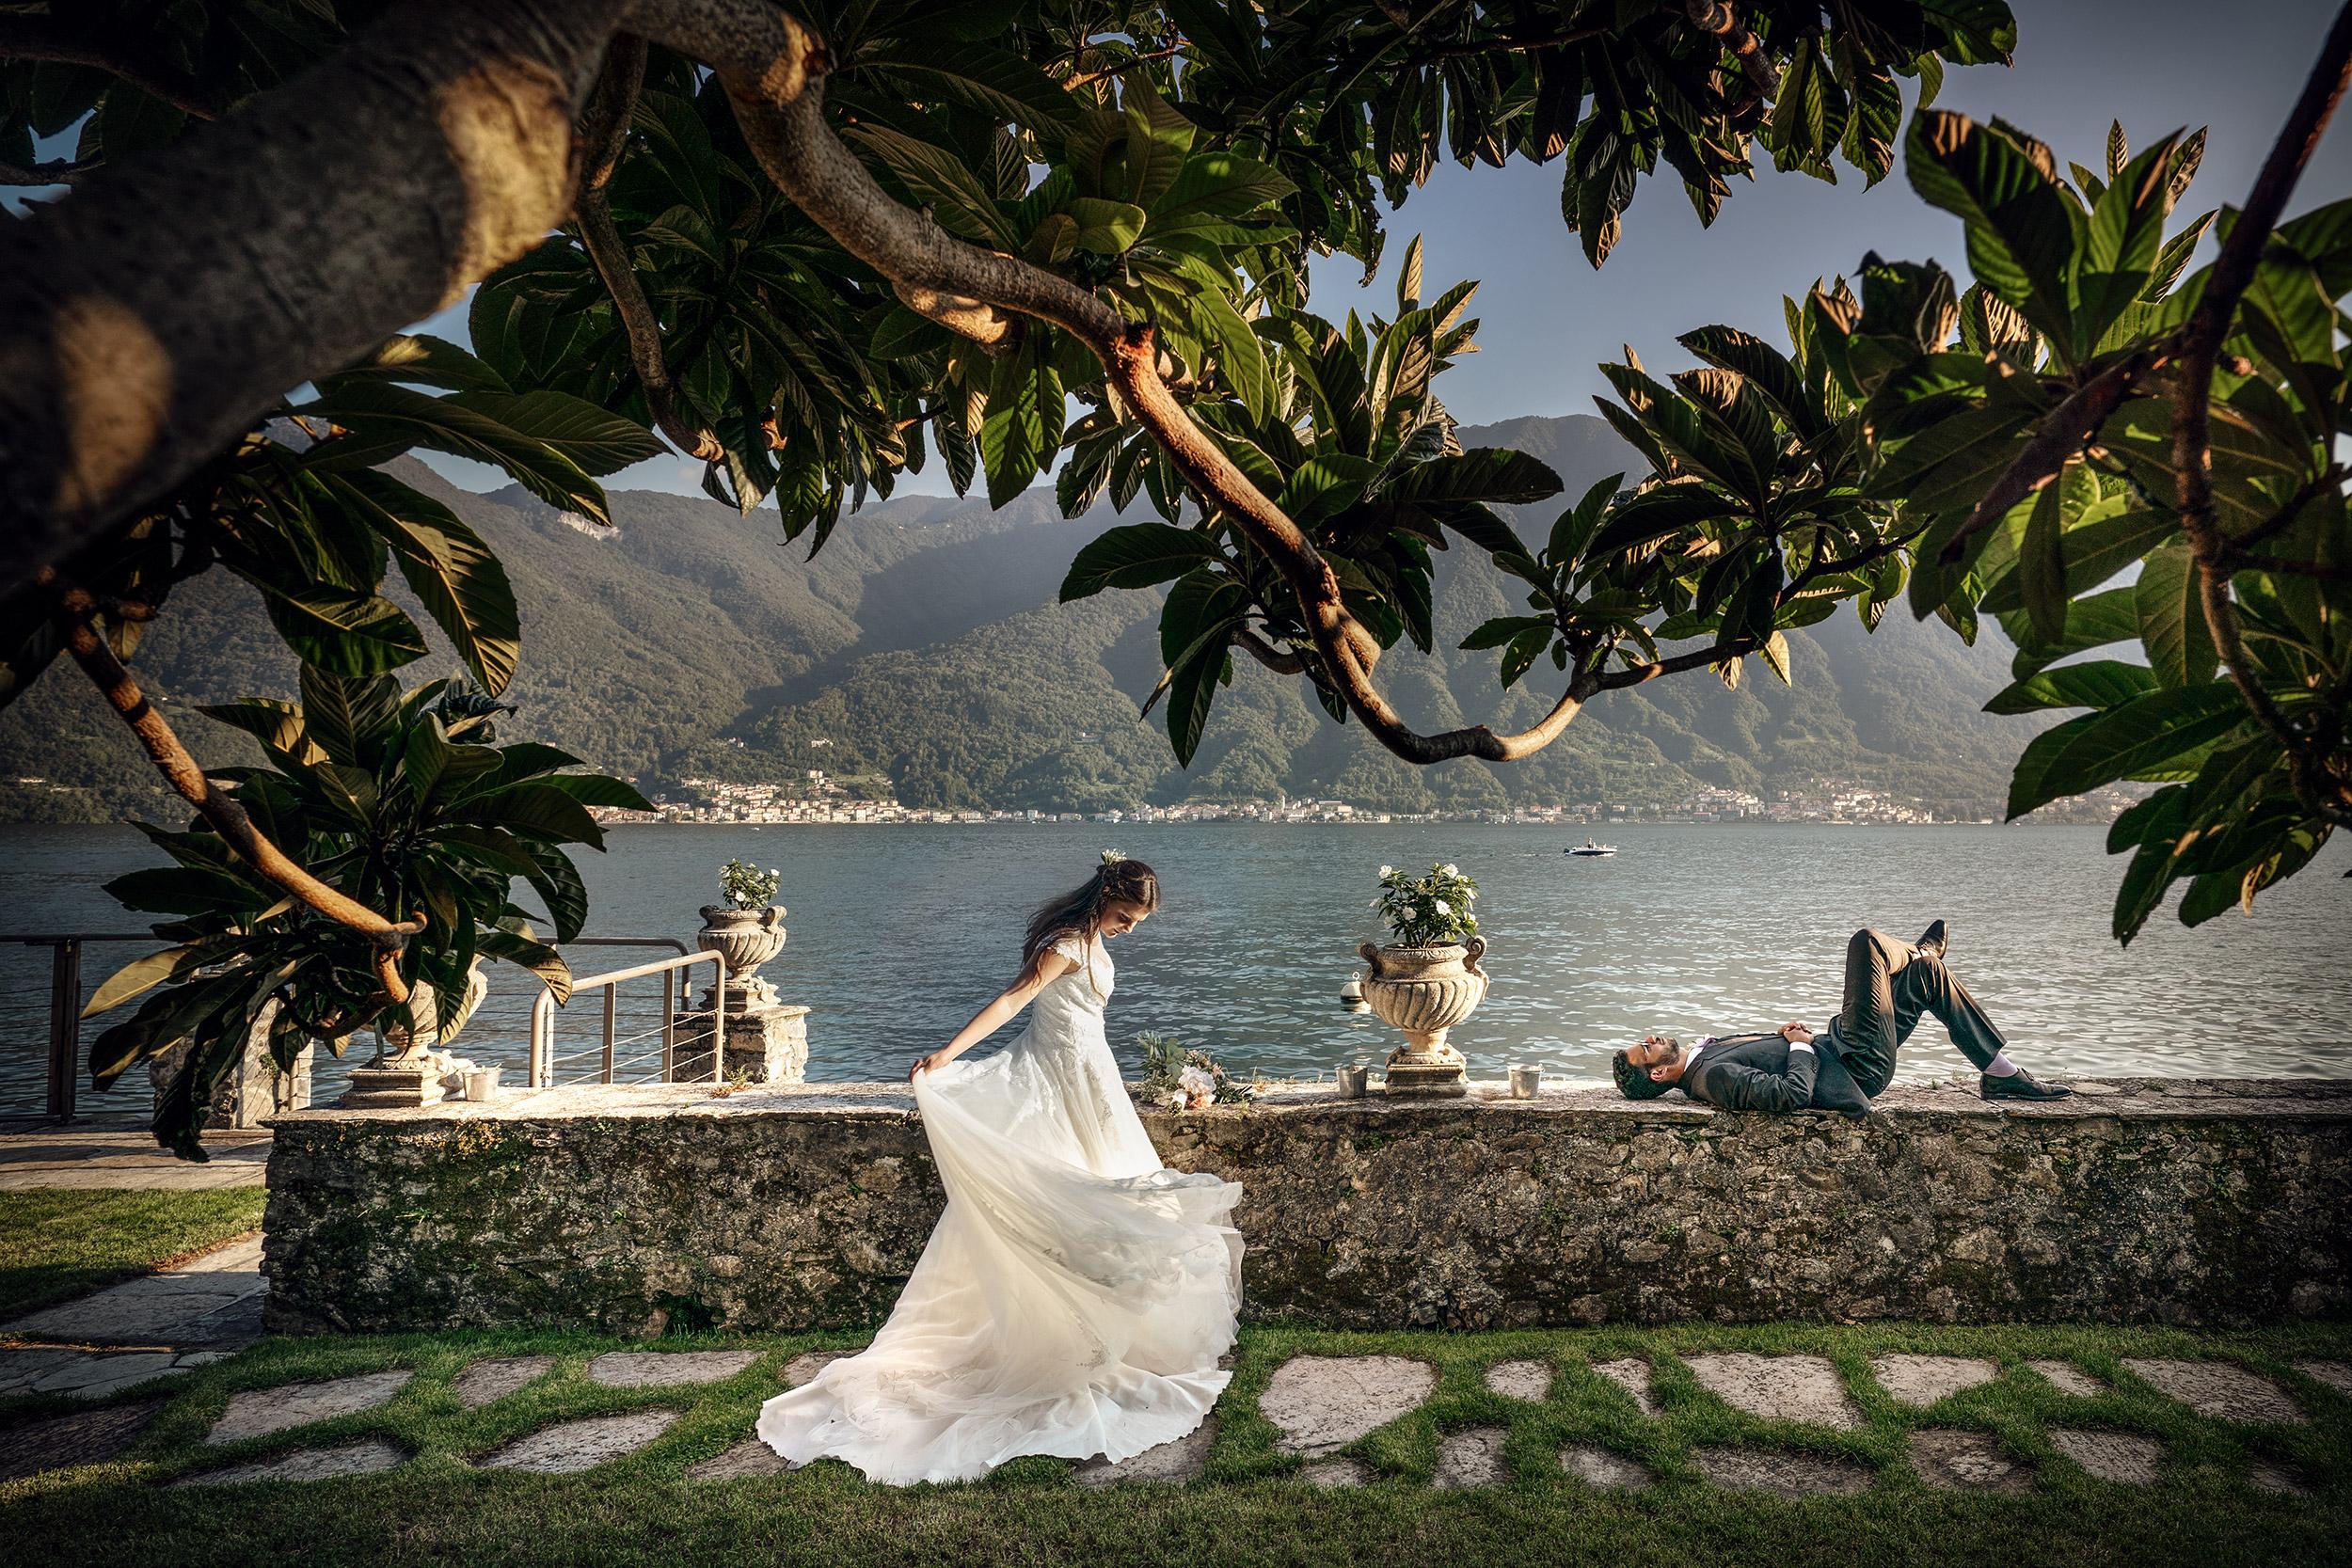 001 foto matrimonio reportage wedding como lake villa monastero pax 1